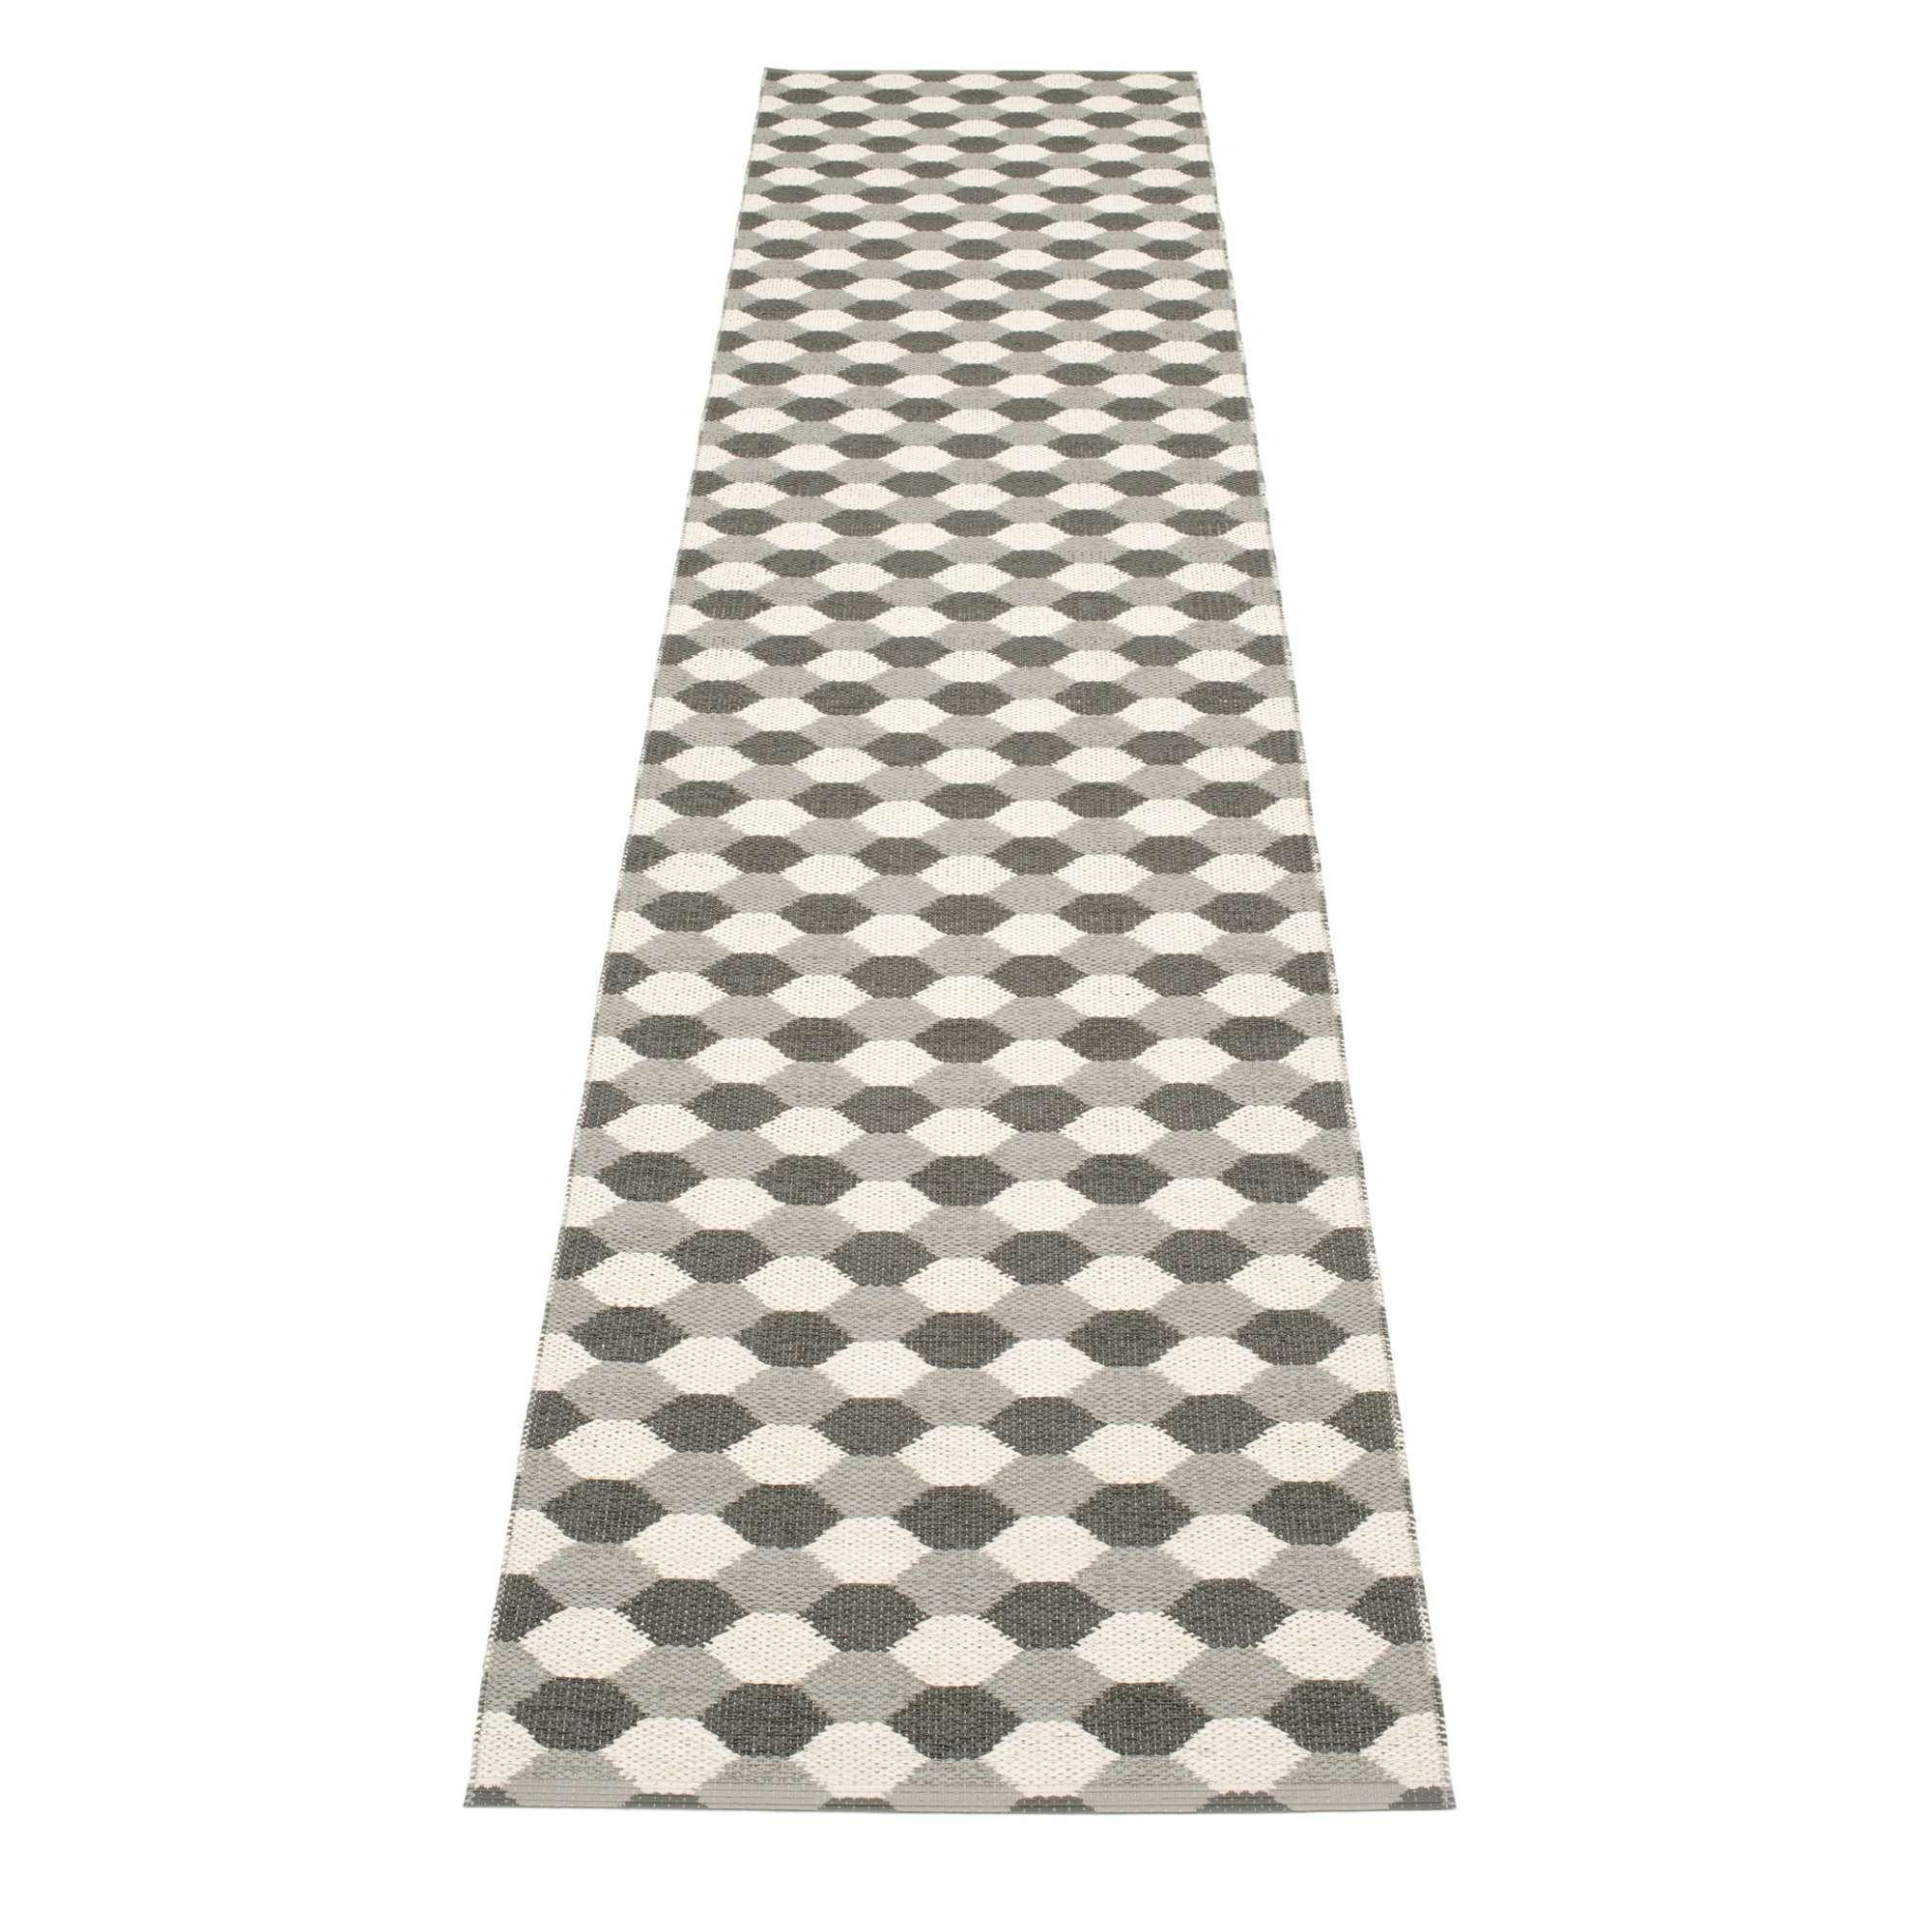 Dana Kunststoffteppich 70x400 warm grau Pappelina